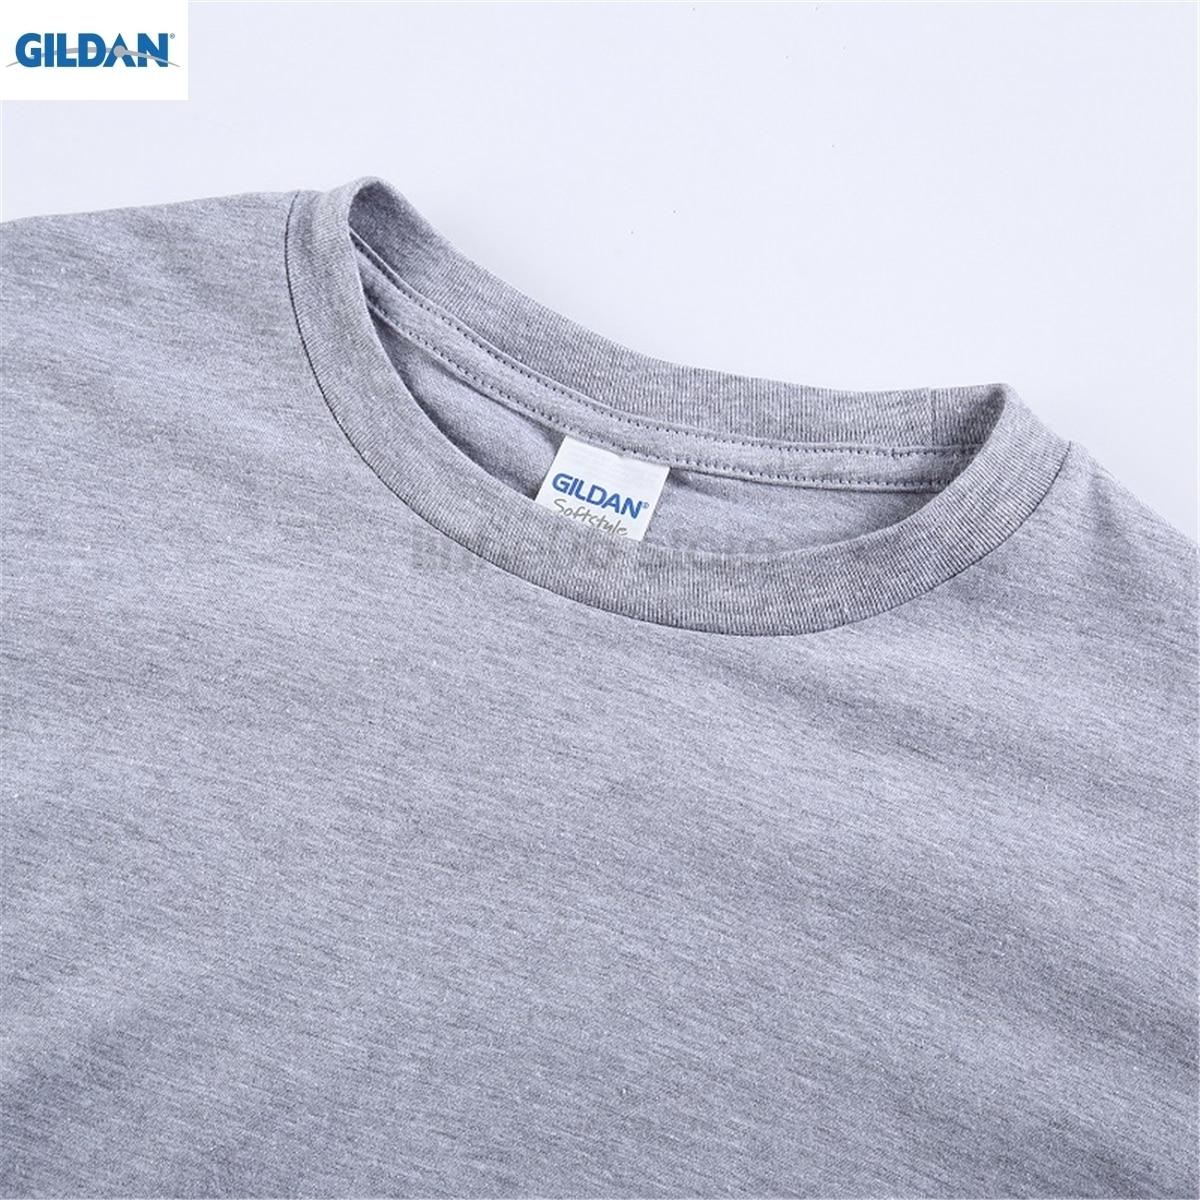 Возьмите начинаем Джон фитиль Горячие Для женщин футболка